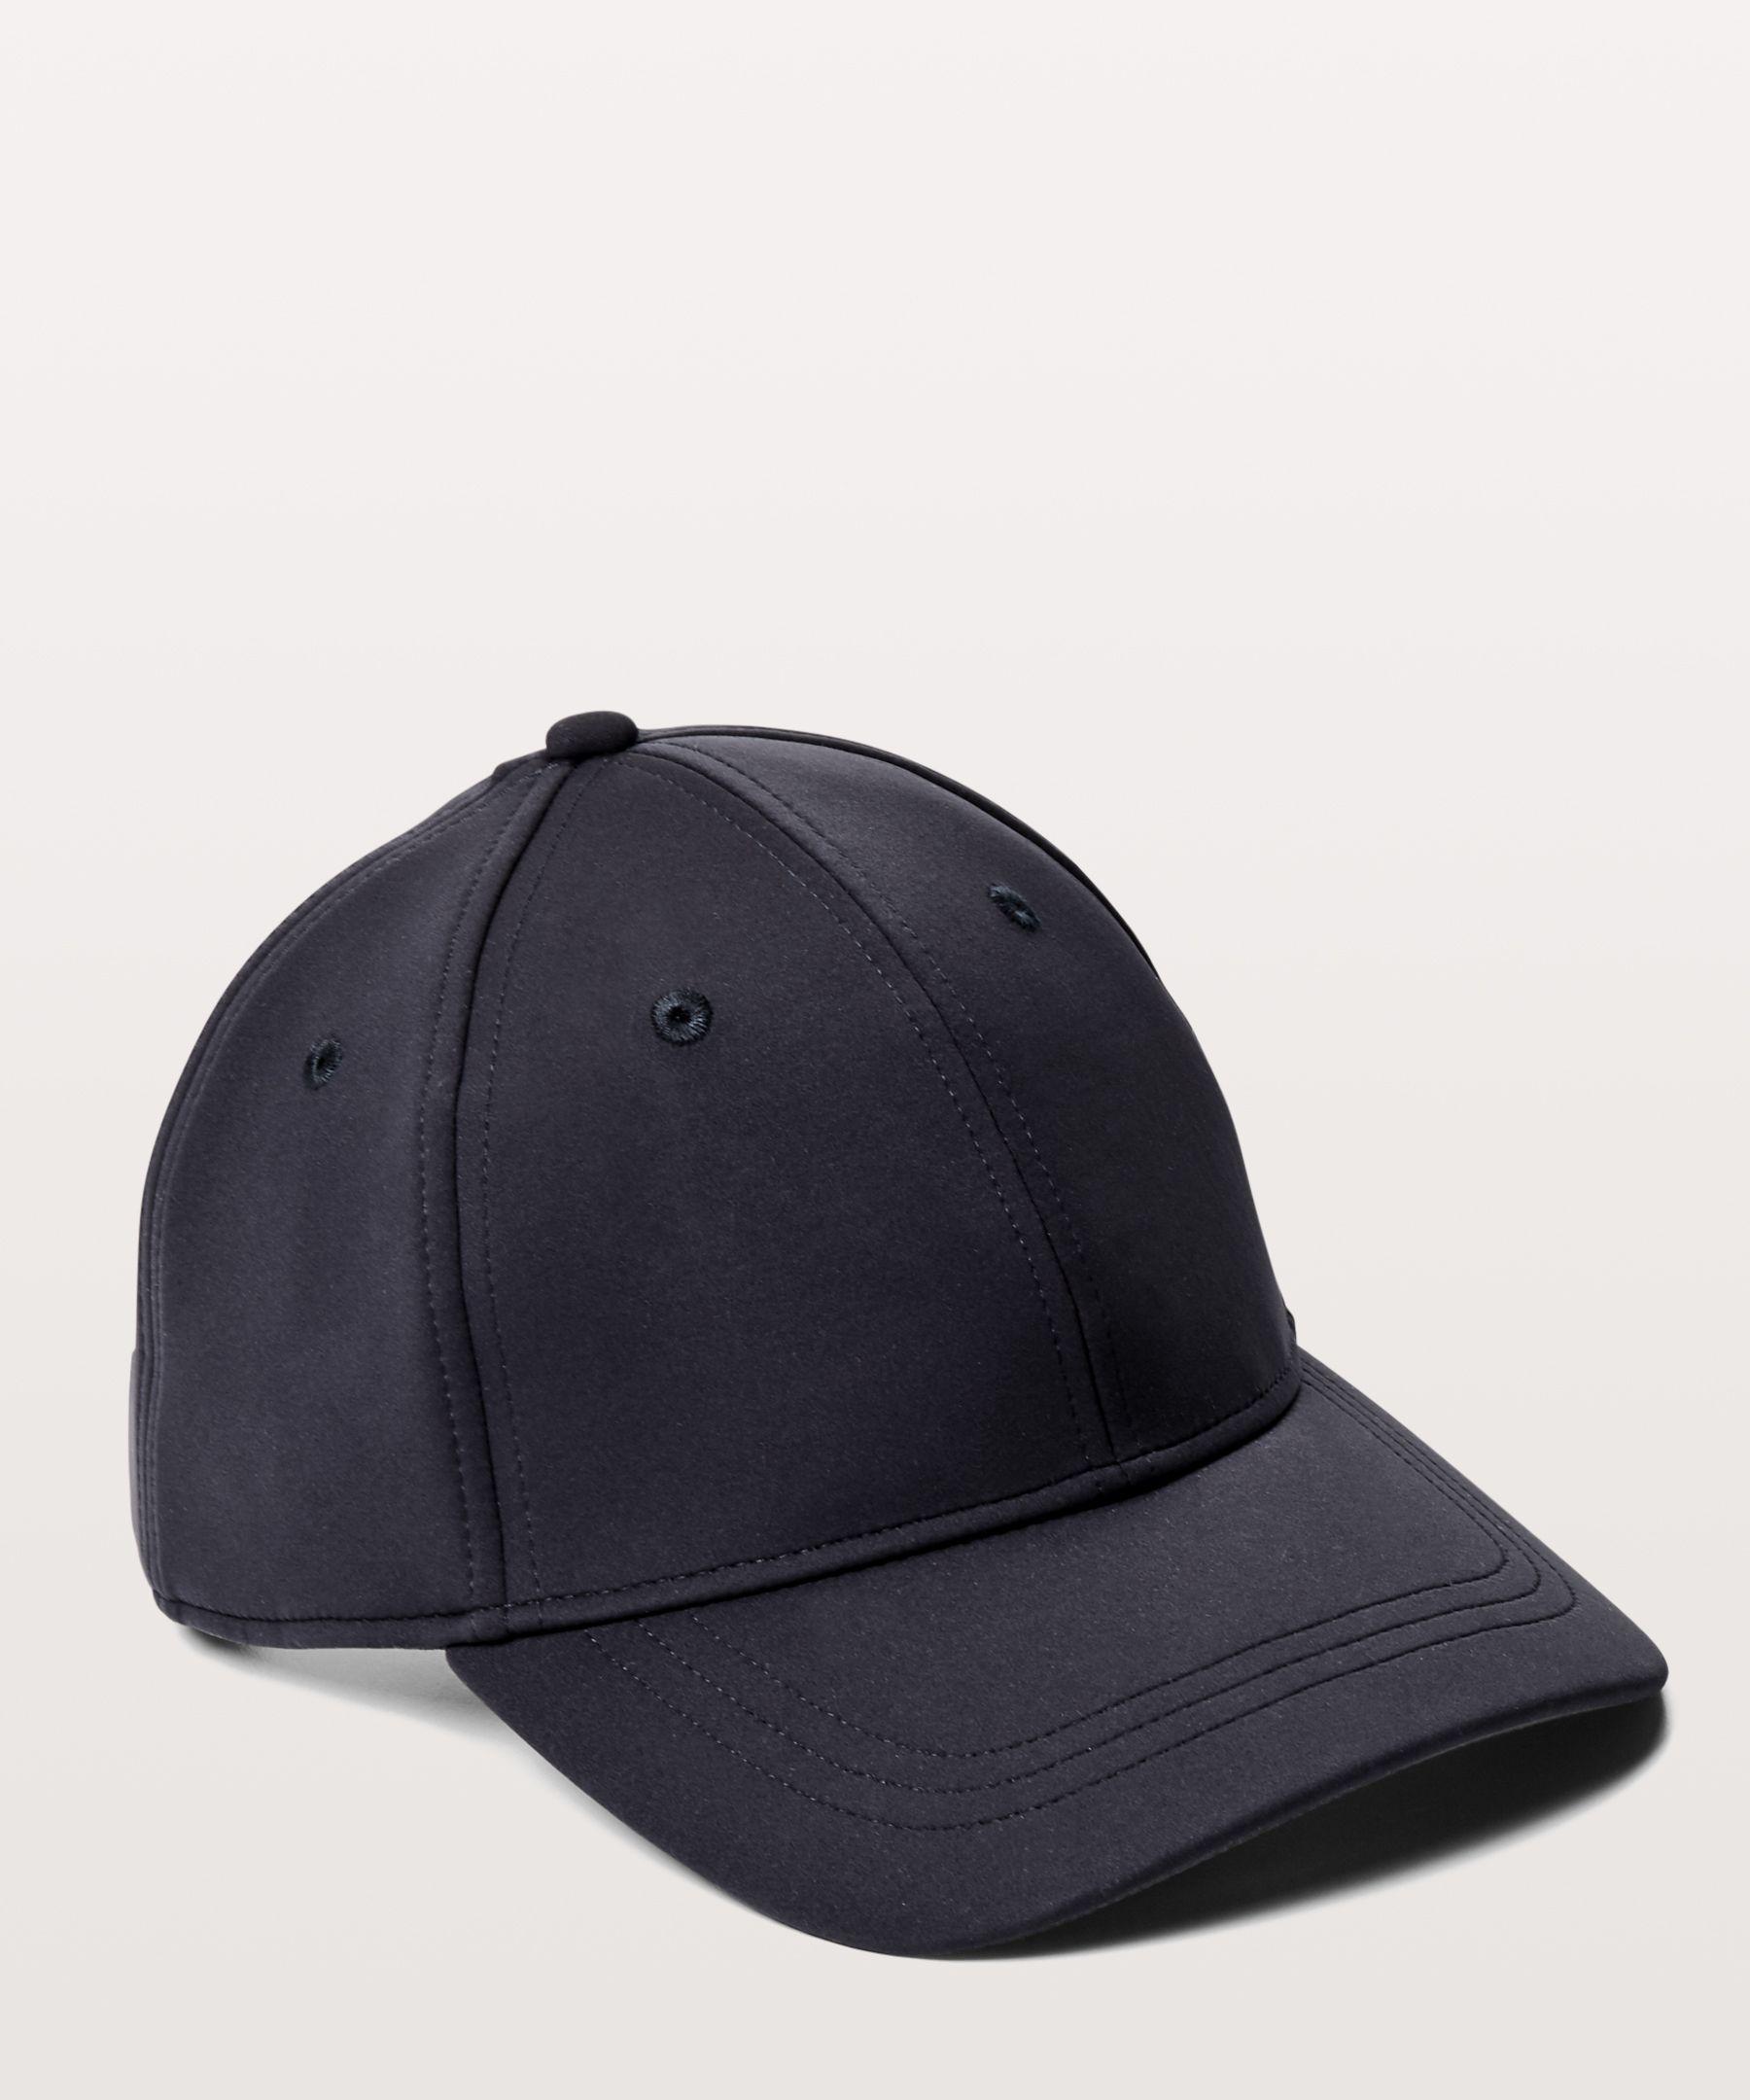 2d309b97f90 Baller Hat